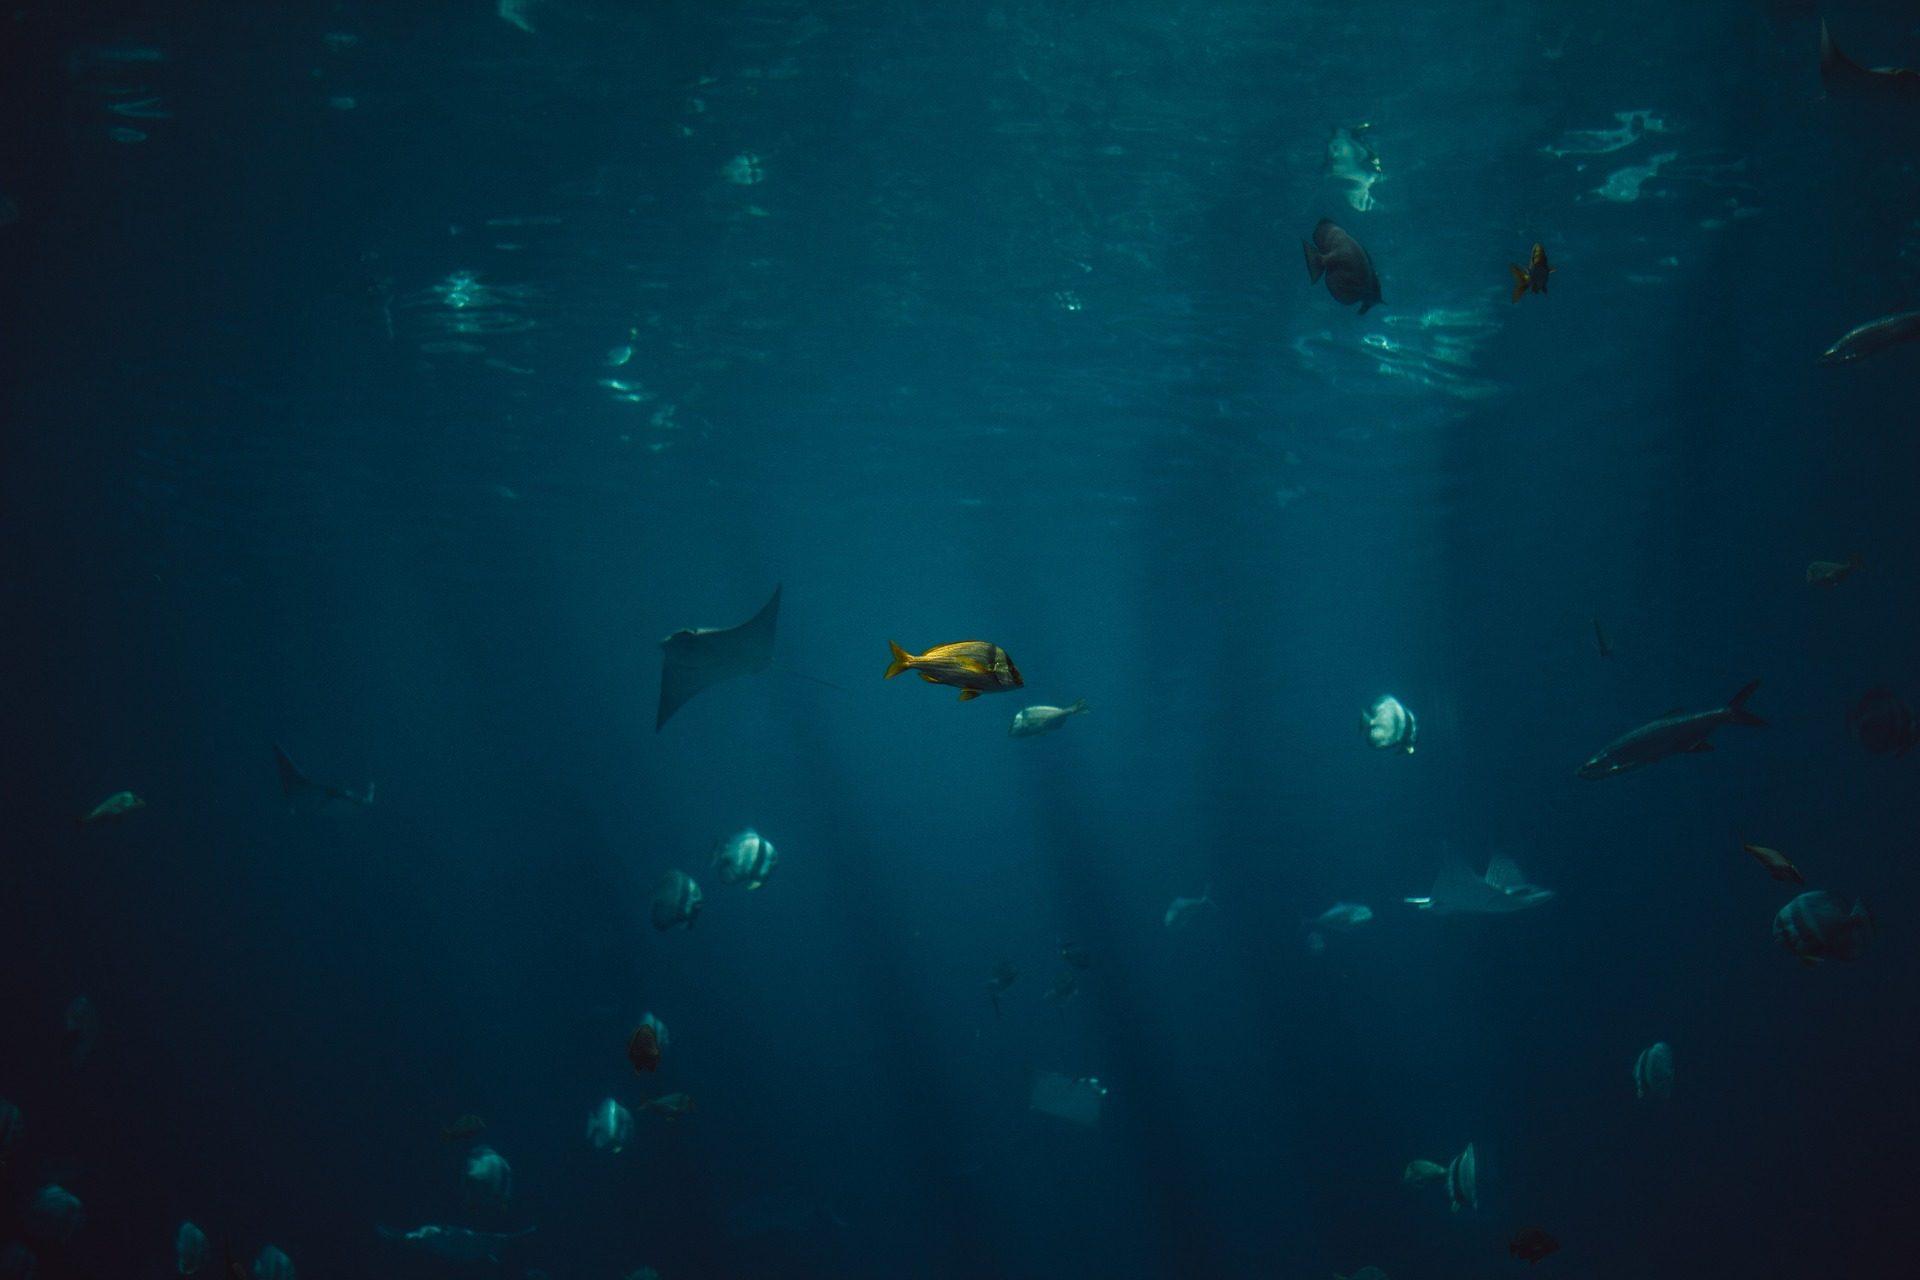 मछली, महासागर, सागर, गहराई, पानी के नीचे - HD वॉलपेपर - प्रोफेसर-falken.com